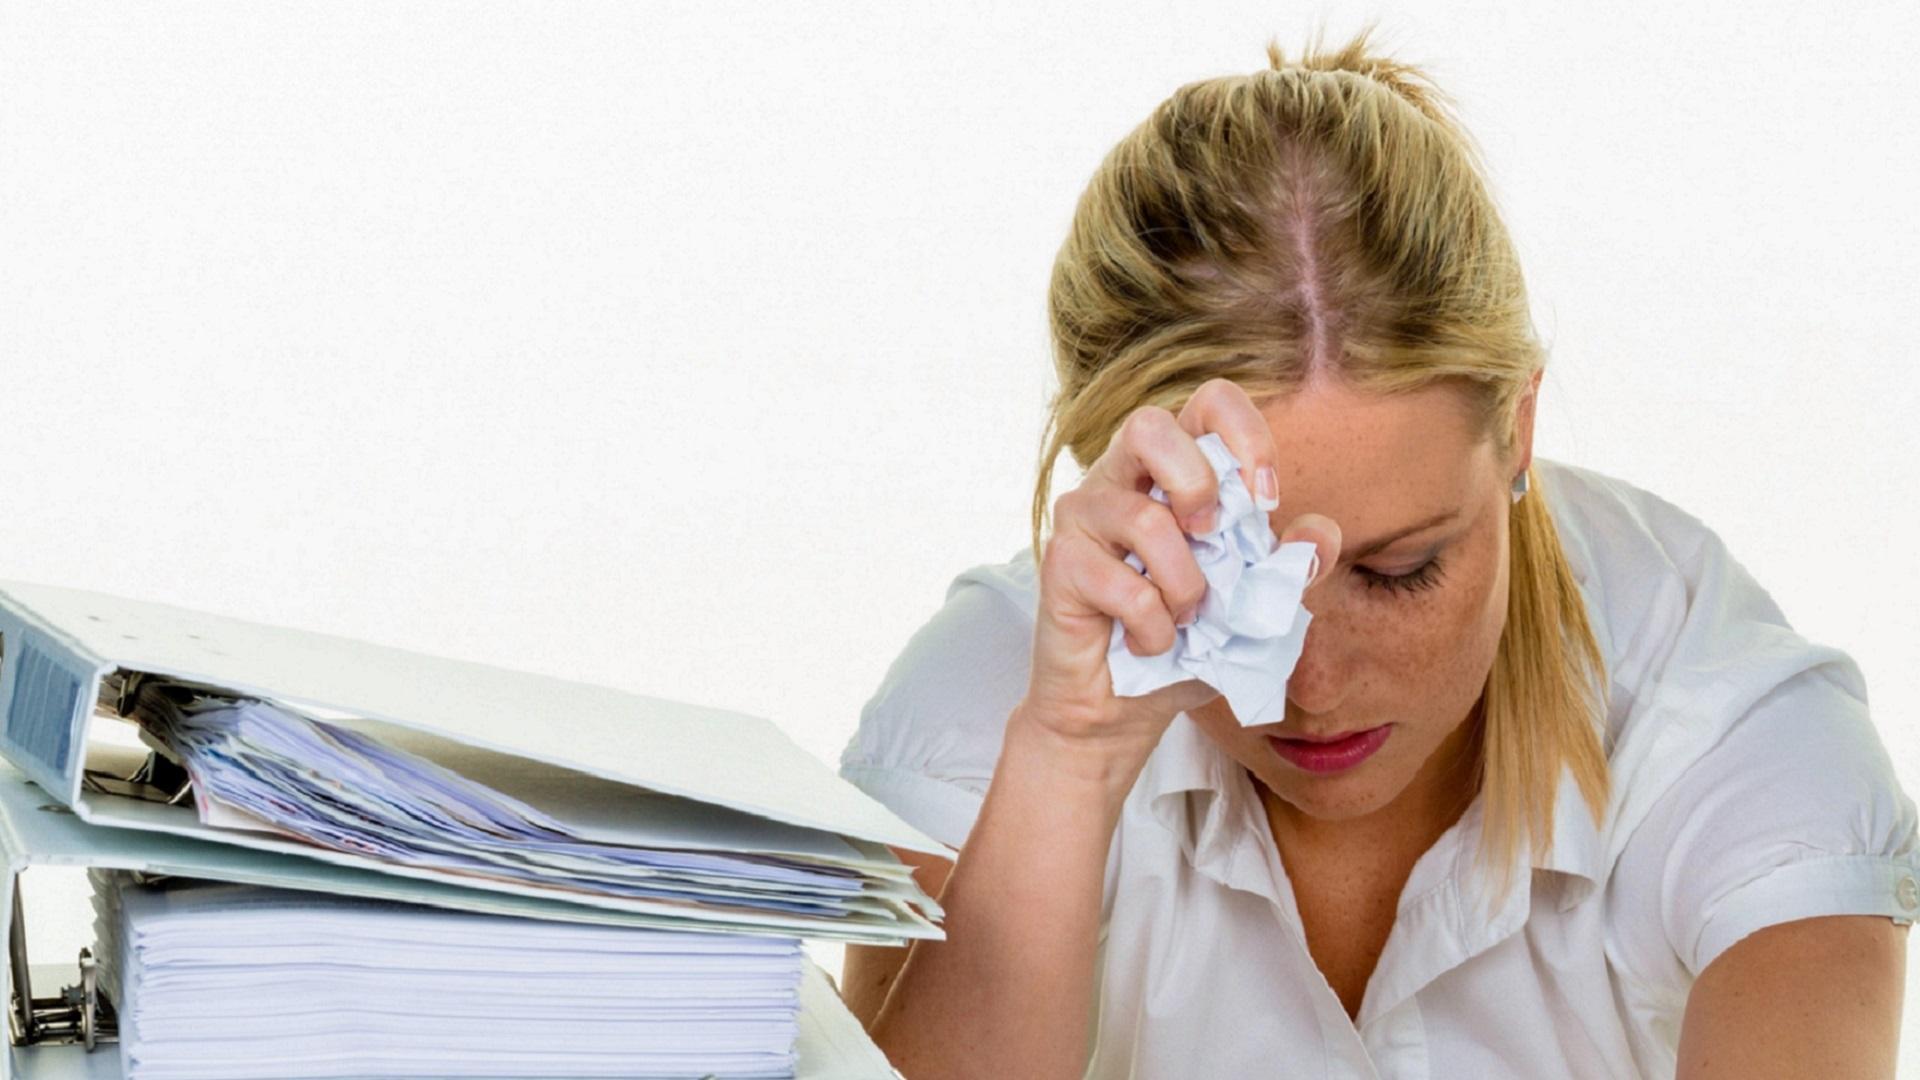 Gestresste, überforderte, weinende junge Frau bei der Arbeit